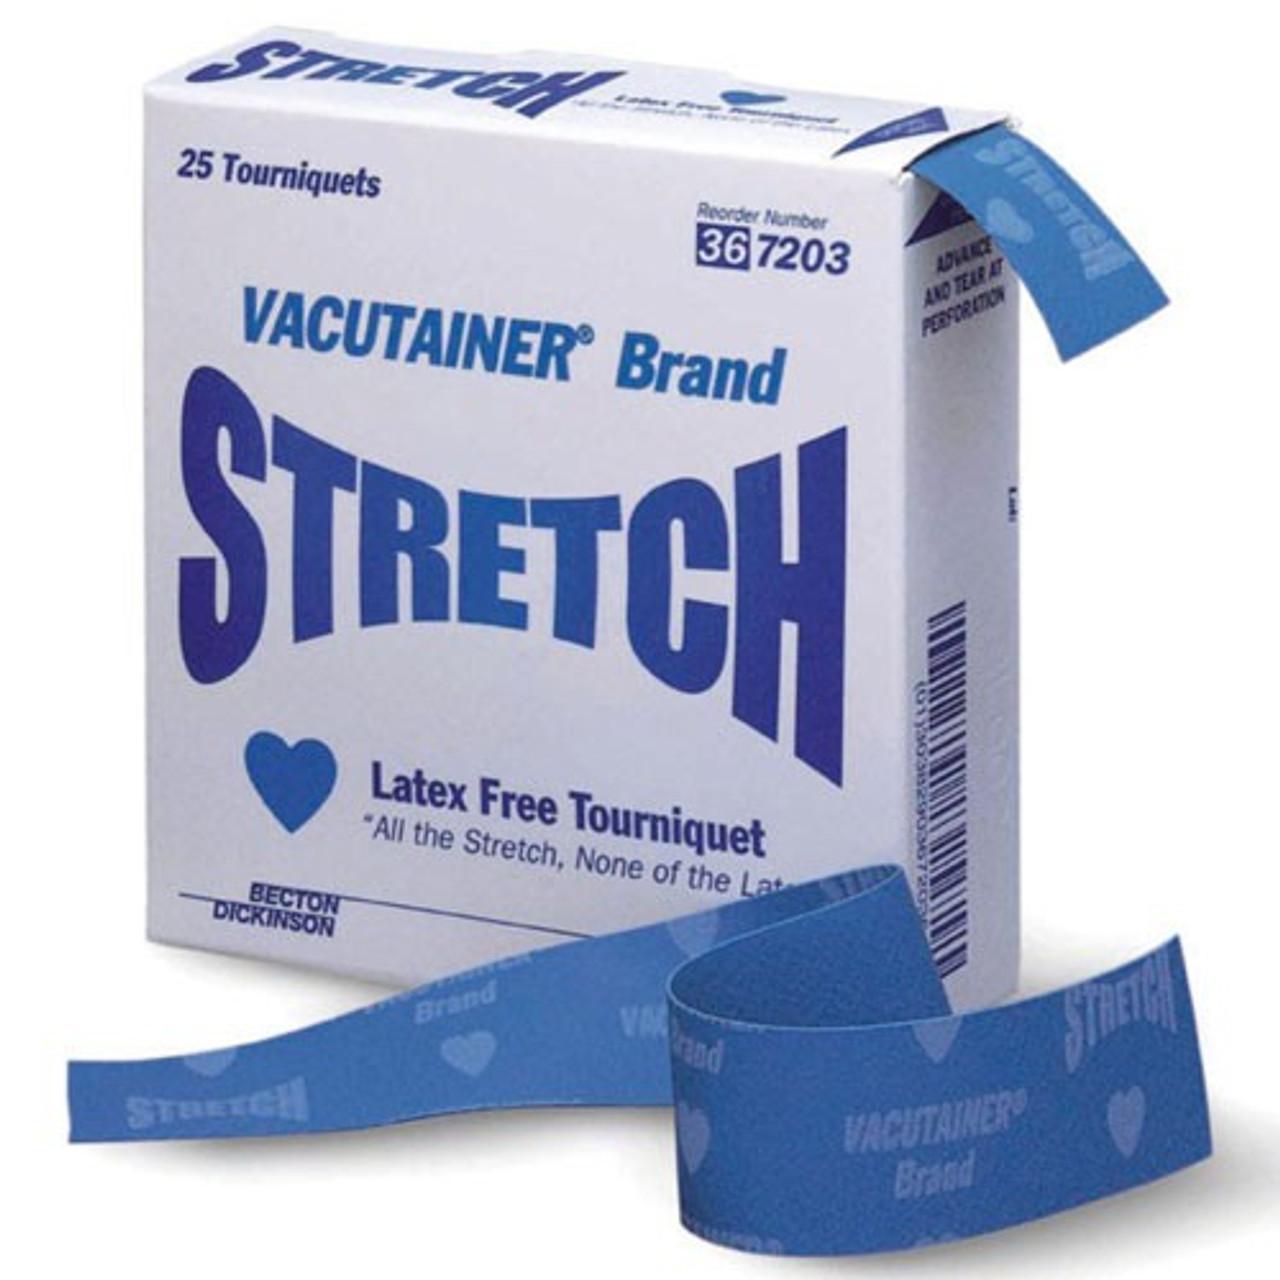 BD Stretch Tourniquet, Latex-Free - 25 per Box